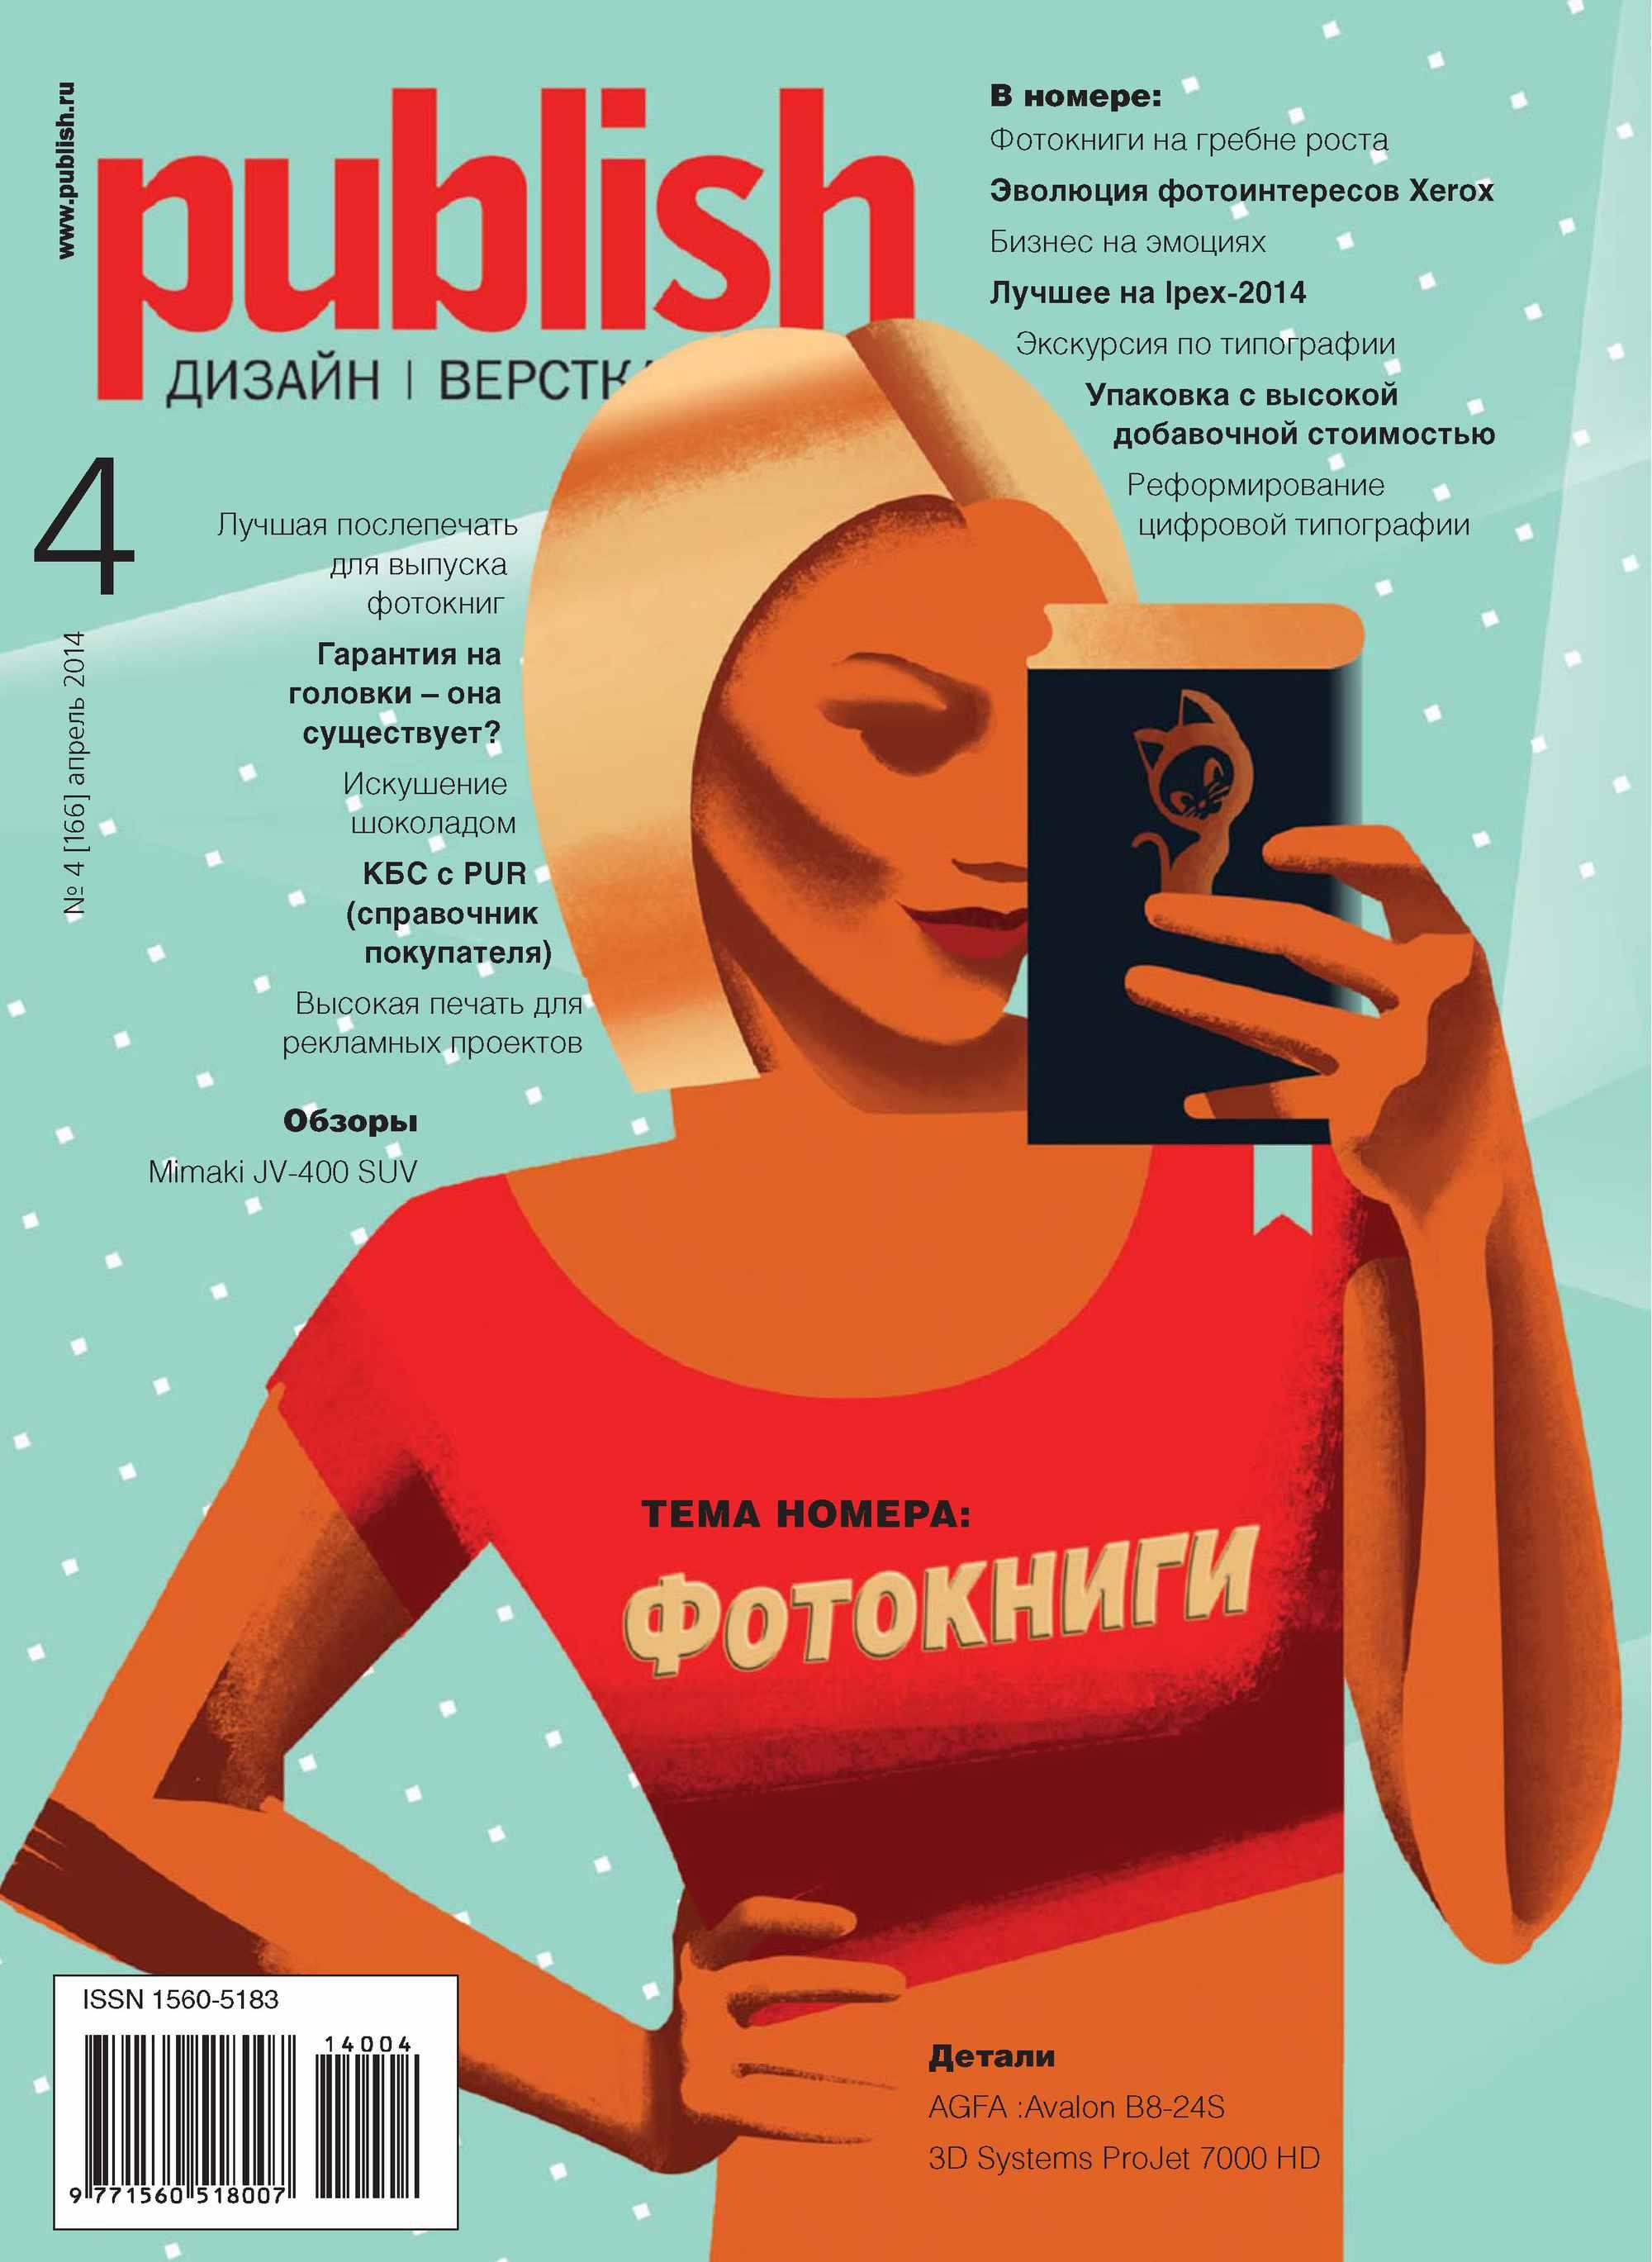 Открытые системы Журнал Publish №04/2014 открытые системы журнал publish 12 2014